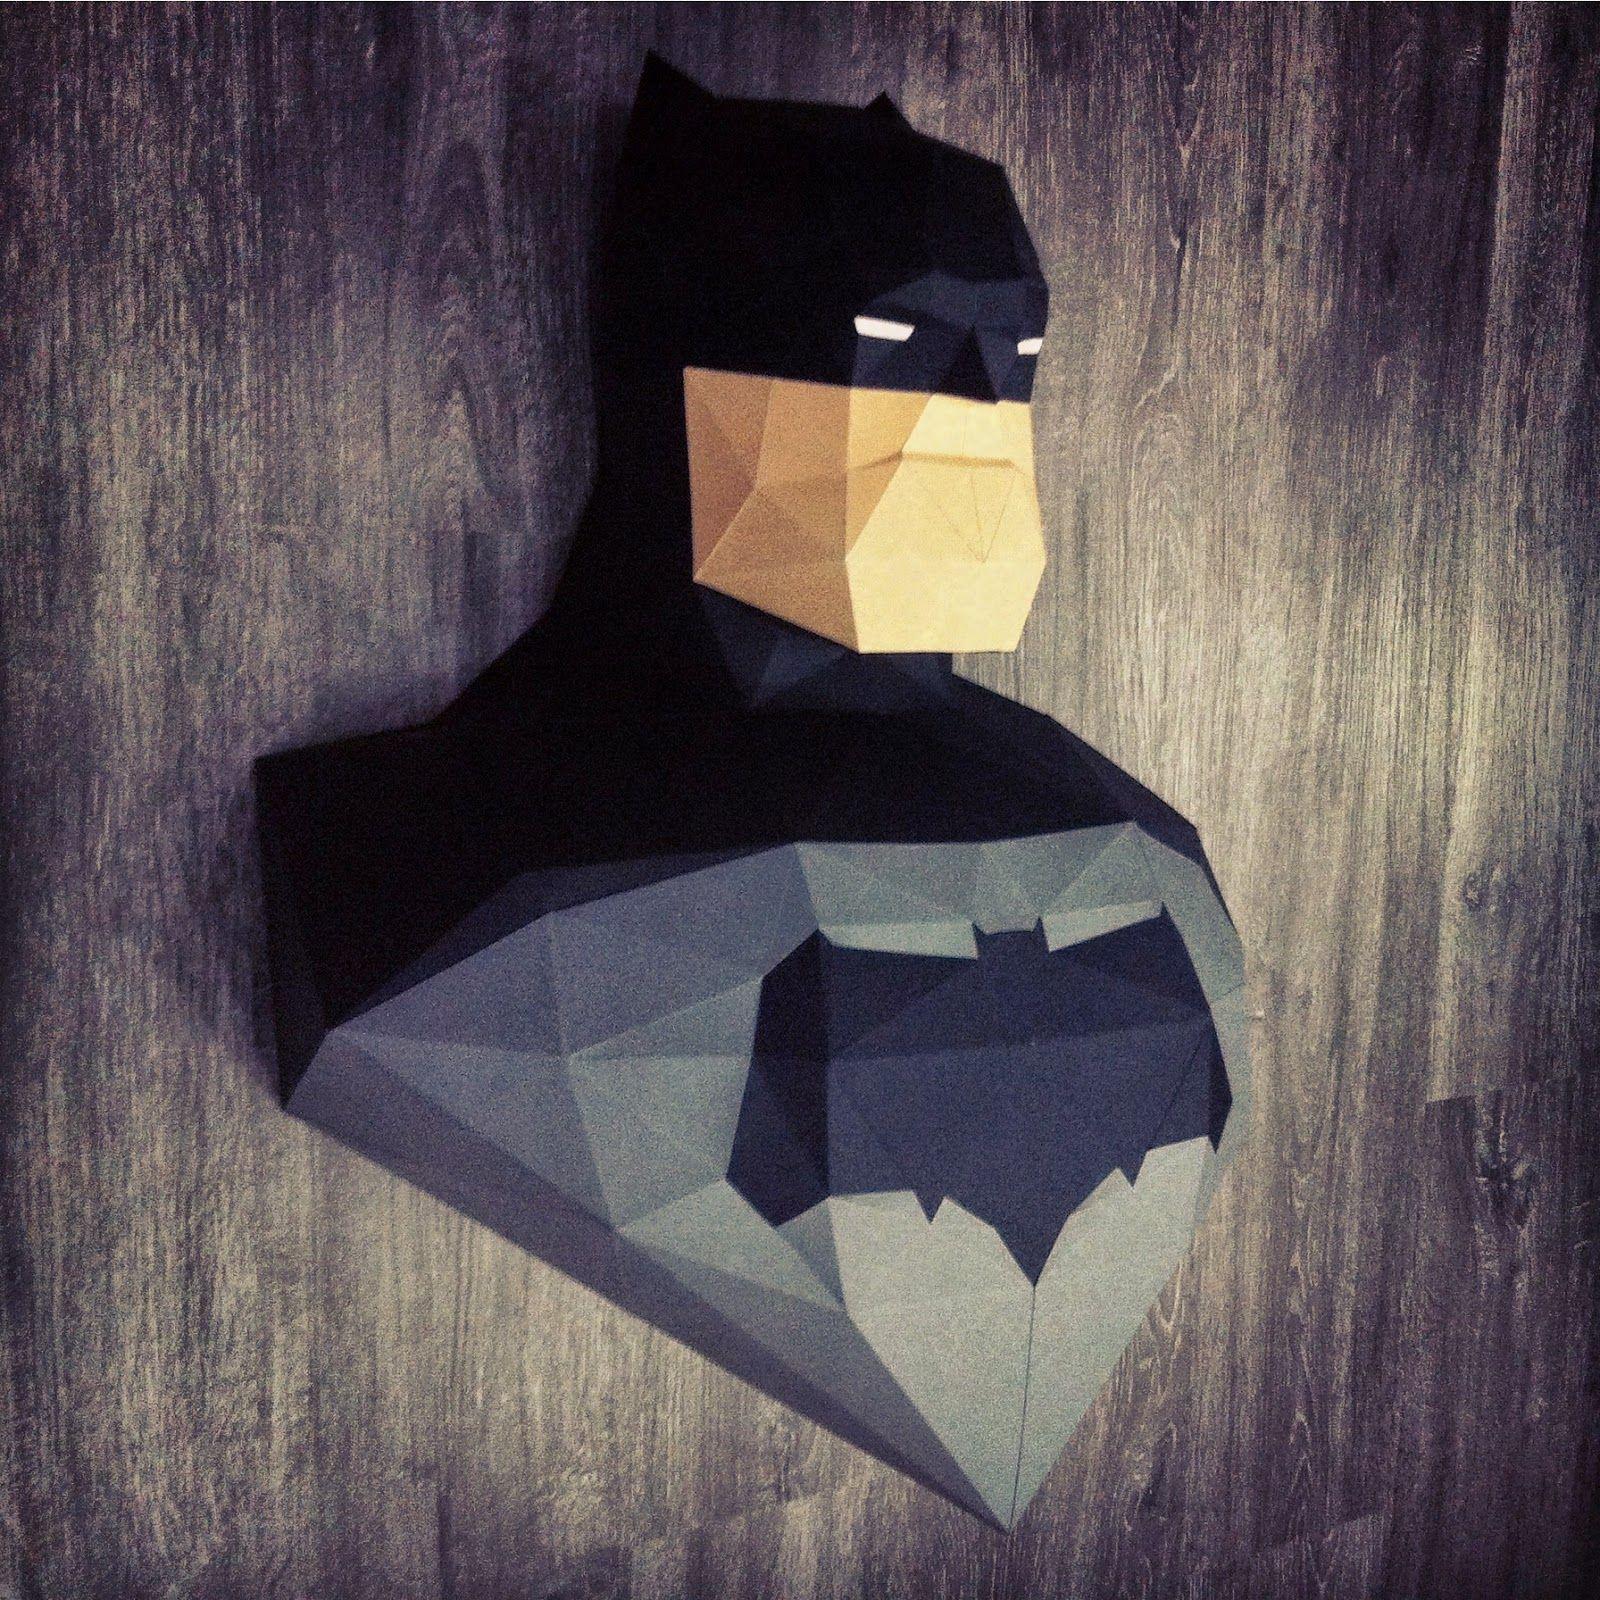 Why Do We Fall Bruce Wallpaper Sculpture Batman Dark Knight Returns En Papier Paper